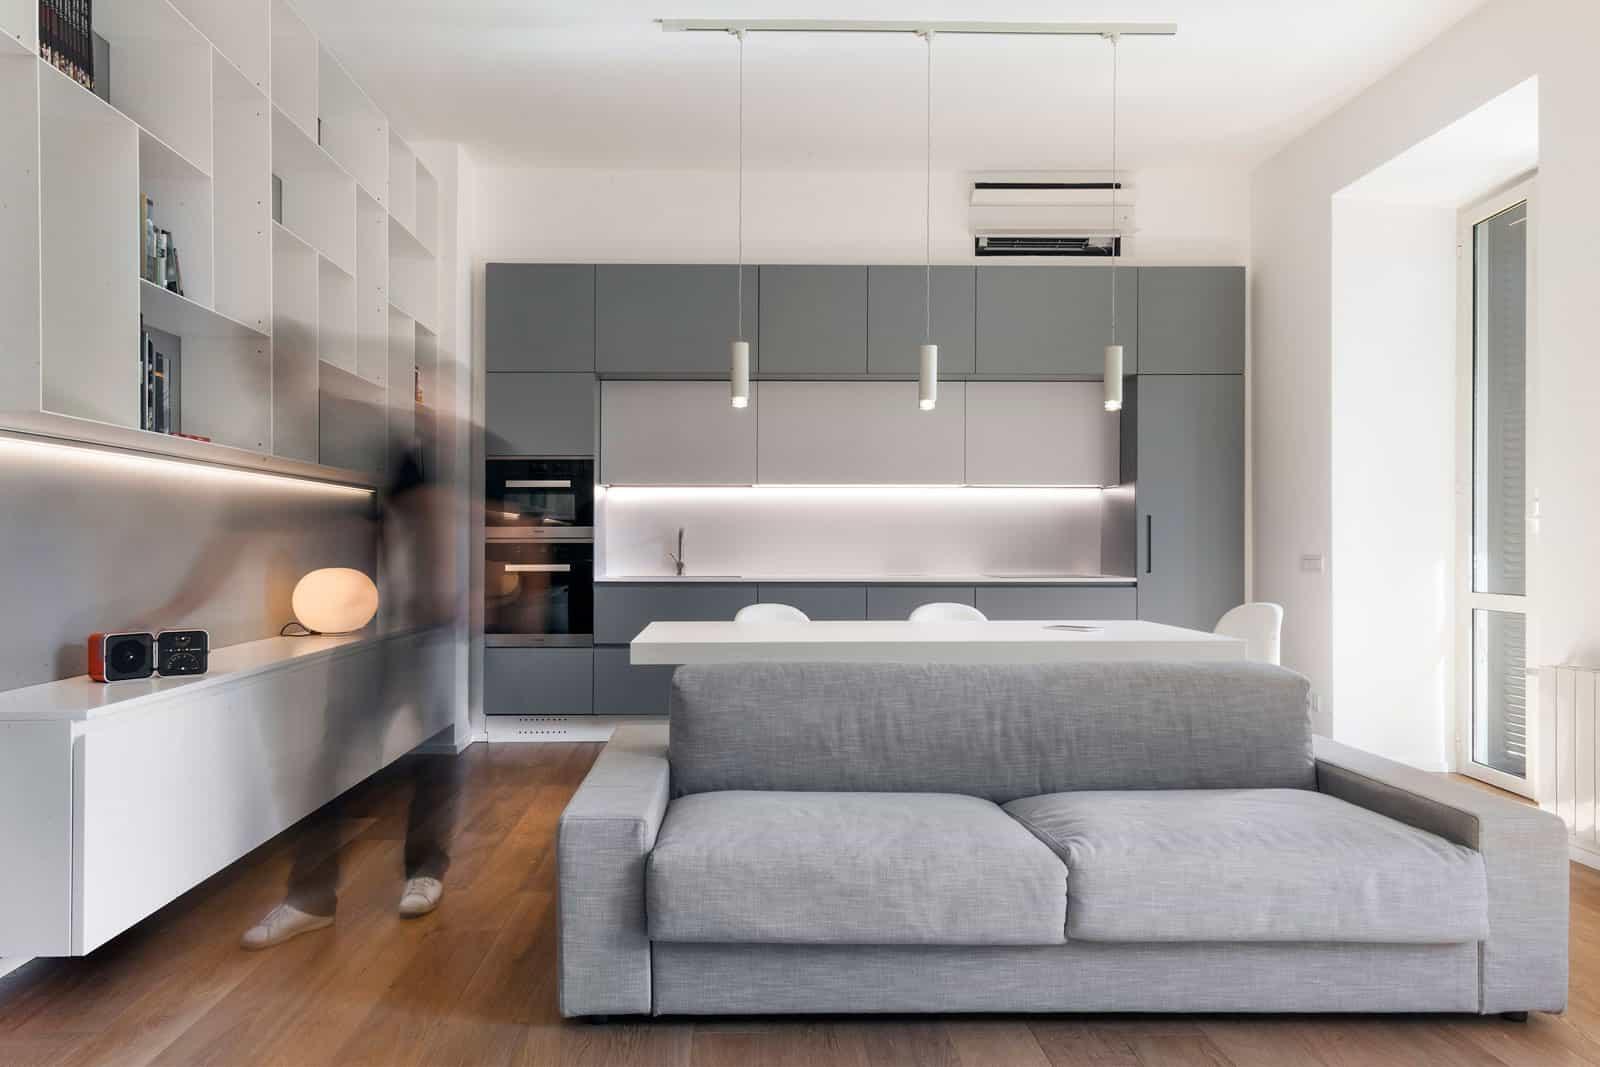 Luca Peralta Studio Design A Minimalist Apartment In The